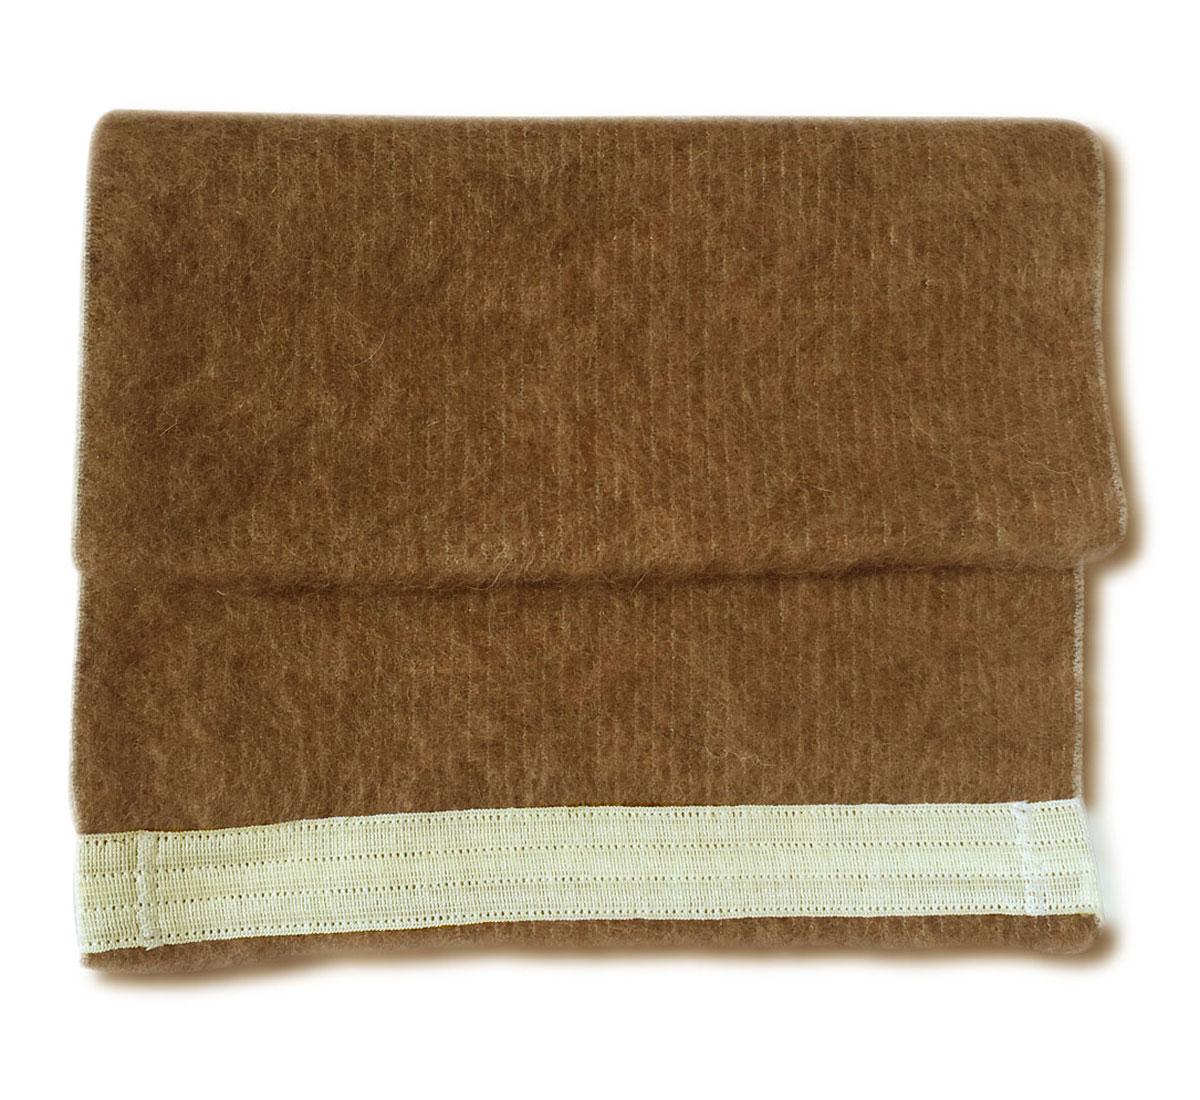 Пояс-бандаж согревающий, верблюжья шерсть, размер 2 (талия 68-75) (ИМН) (Леонарда-сервис)